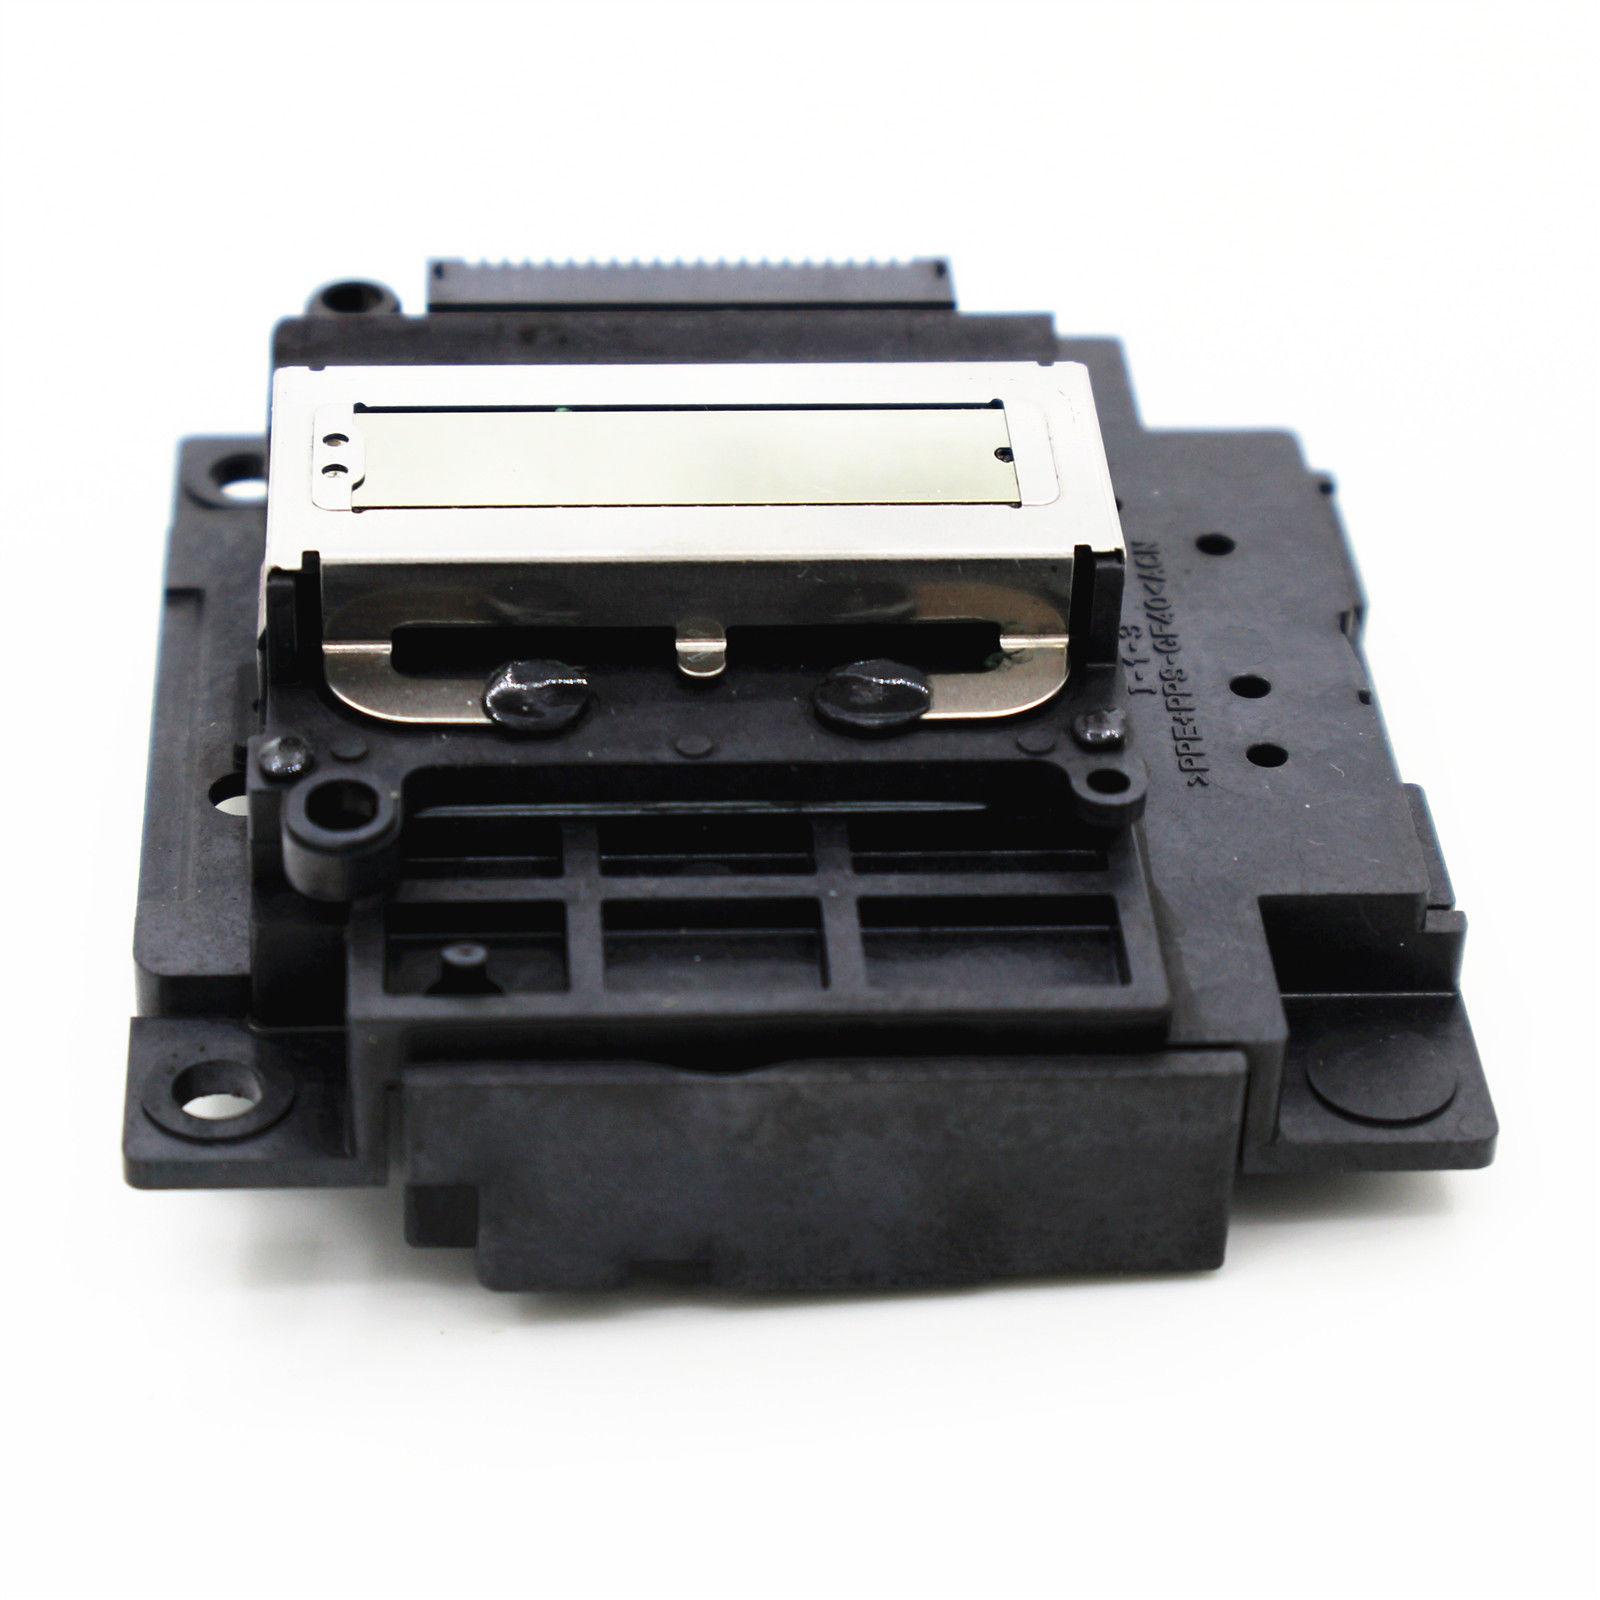 FA04000 FA04010 Printhead for Epson L110 L111 L120 L211 L210 L300 L301 L303 L335 L555 XP300 XP302 XP400 WF2520 WF2521 Print head original fa04000 fa04010 l355 printhead print head for epson l400 l401 l110 l111 l120 l555 l211 l210 l220 l300 l355 l365 xp231